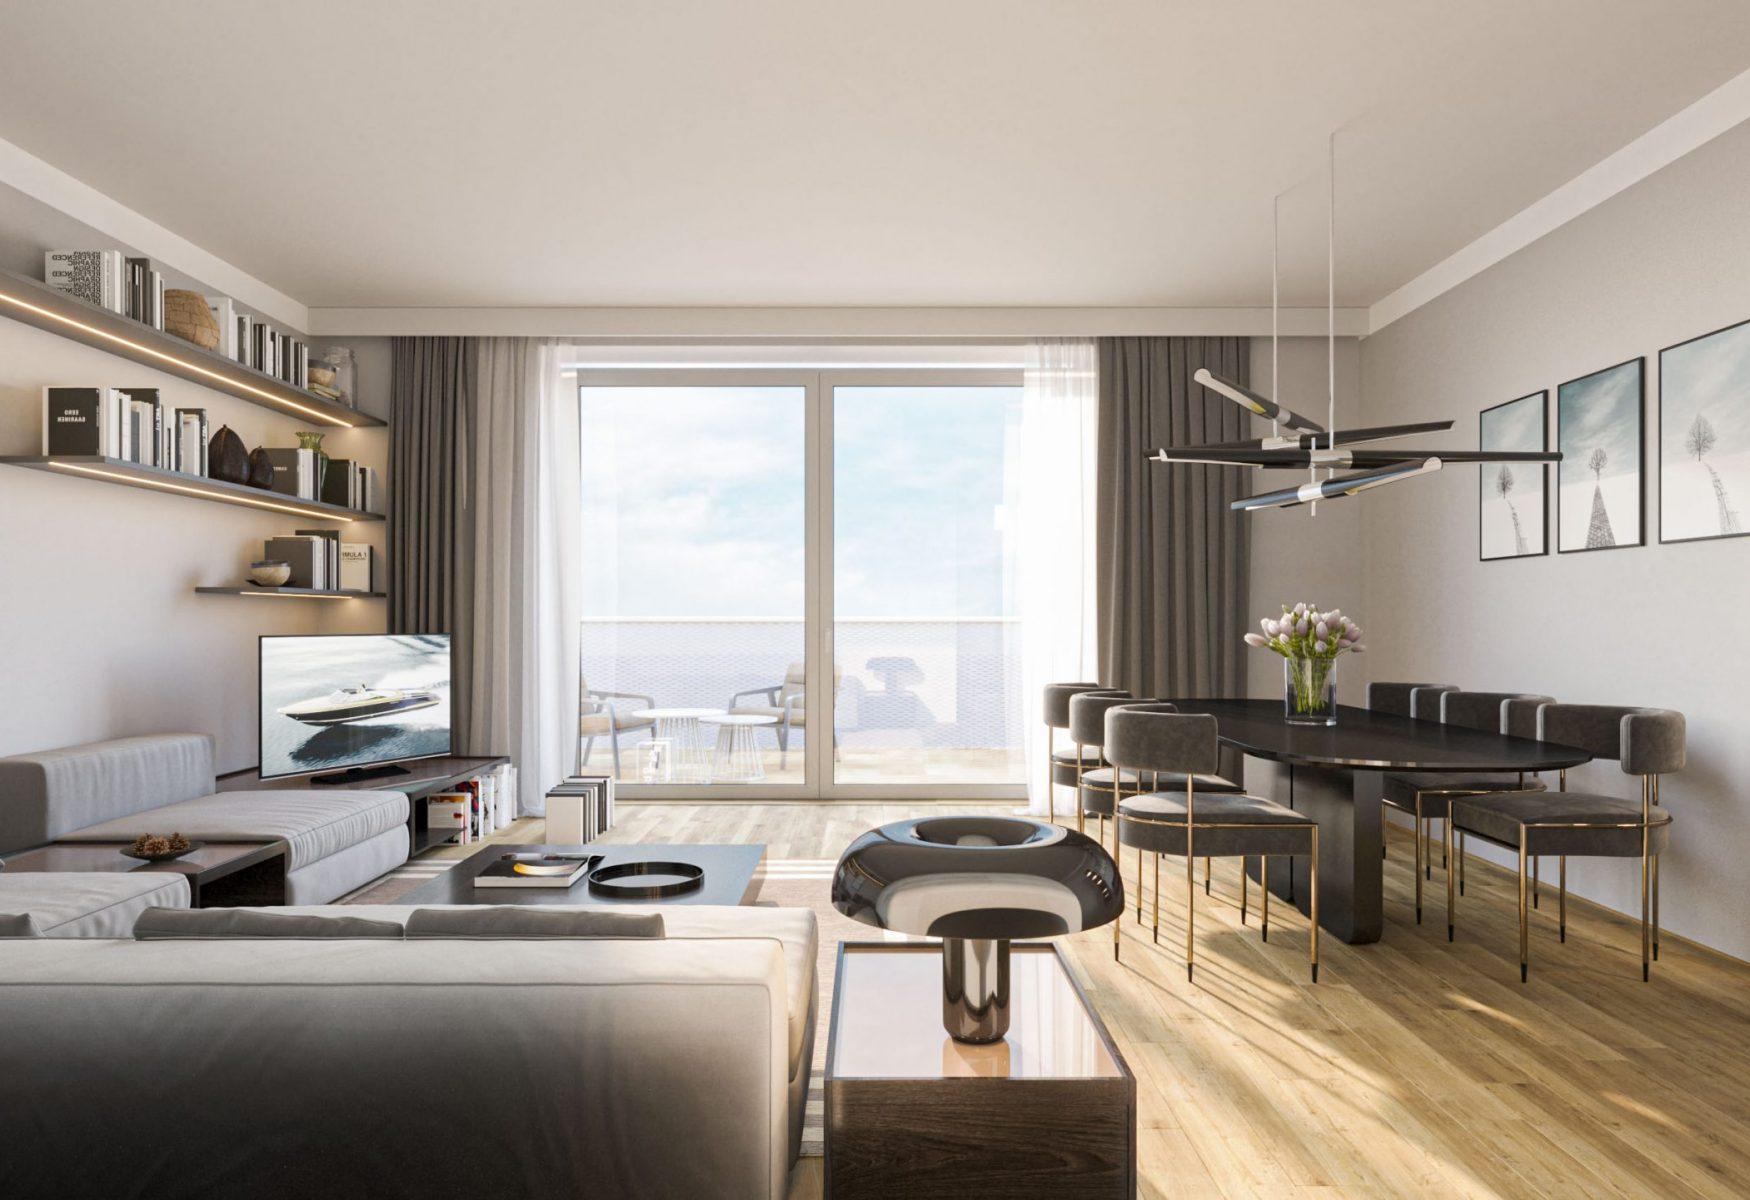 milara-srl-gruppo-postiglione-societa-di-costruzioni-e-vendita-appartamenti-immobili-residenziali-commerciali-cr53-f4-torre-nuova-torrione-salone-doppio